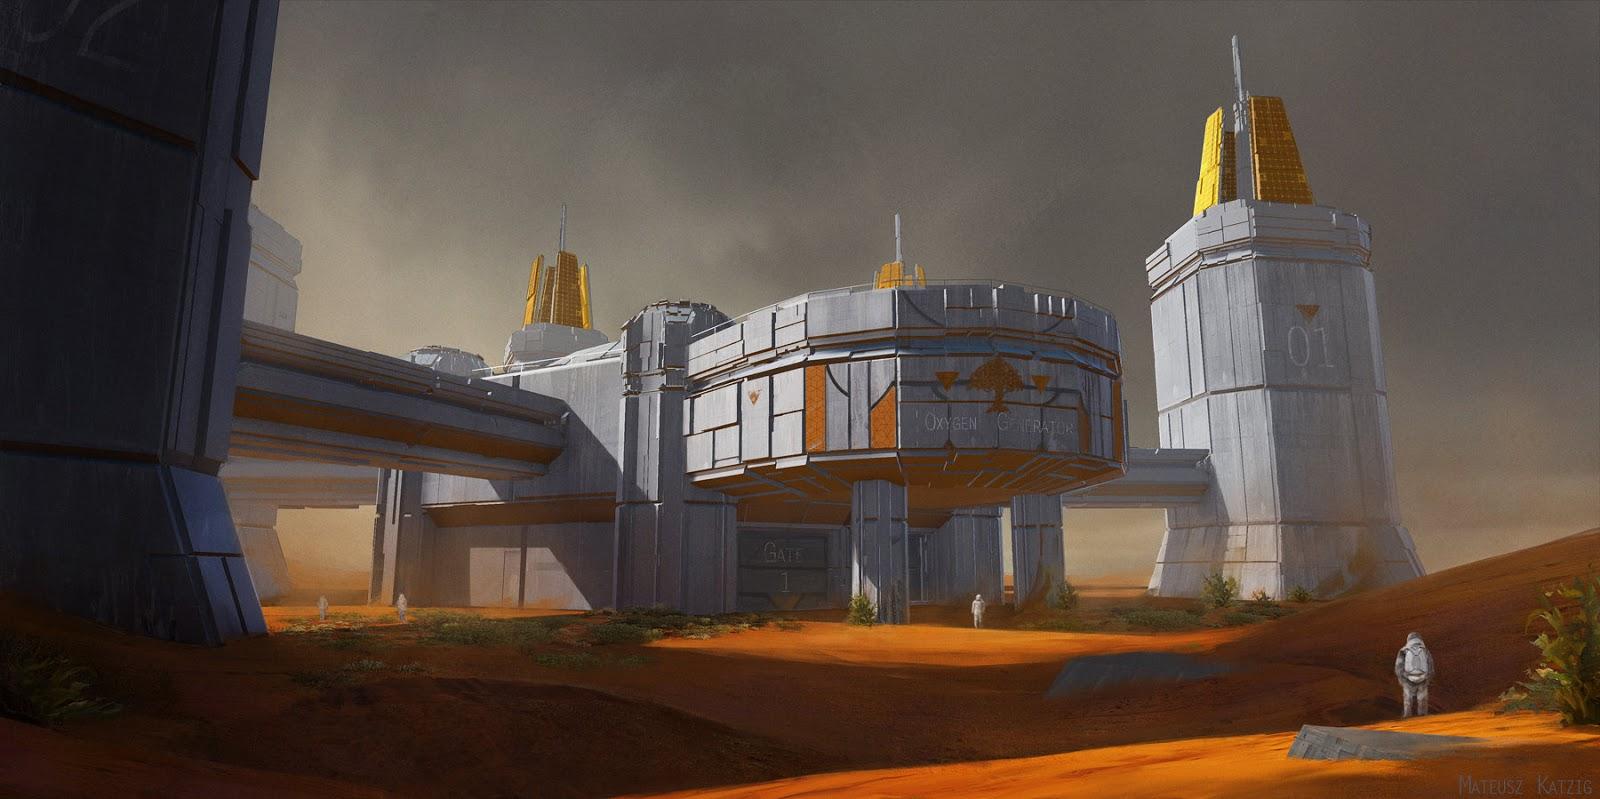 Mars terraforming station by Mateusz Katzig